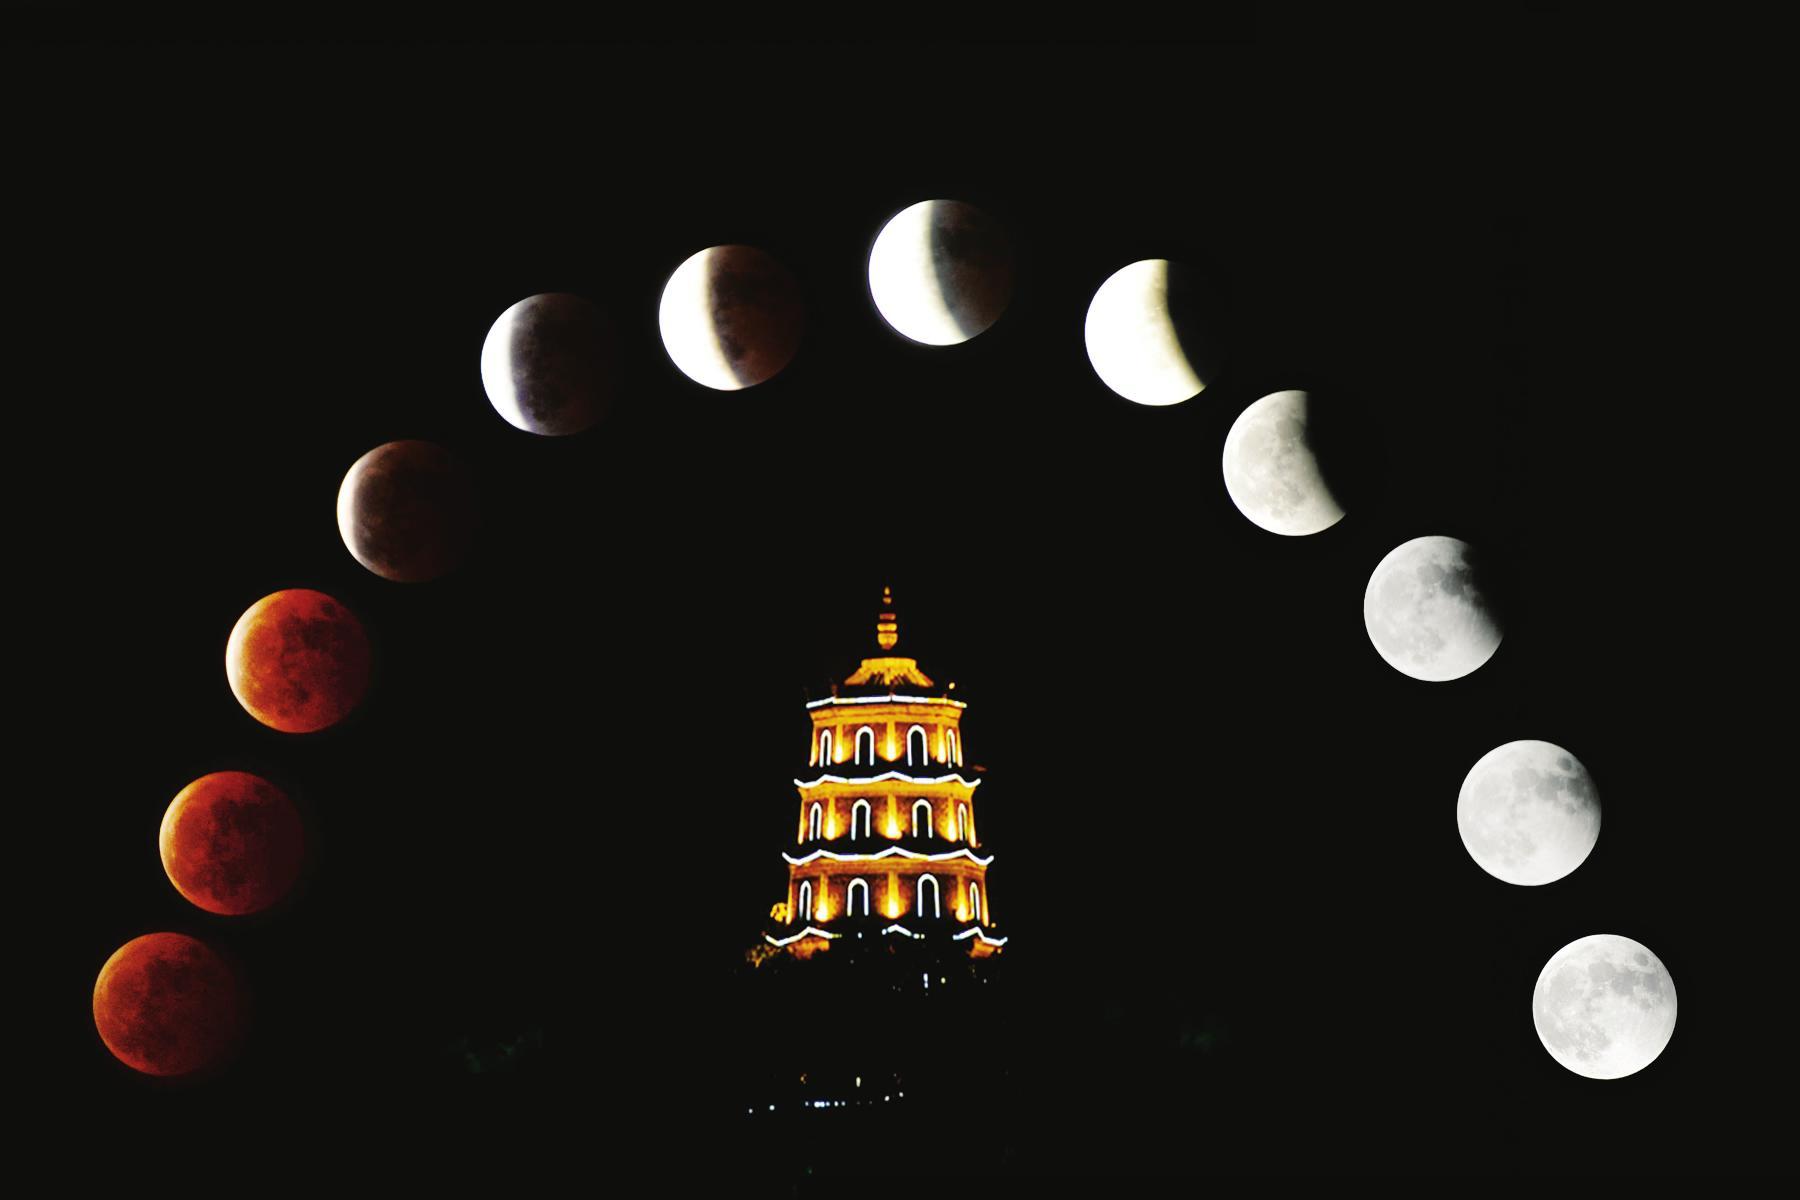 从红圆月到月牙,再到半月又恢复月圆,整个天象持续了约1个小时.